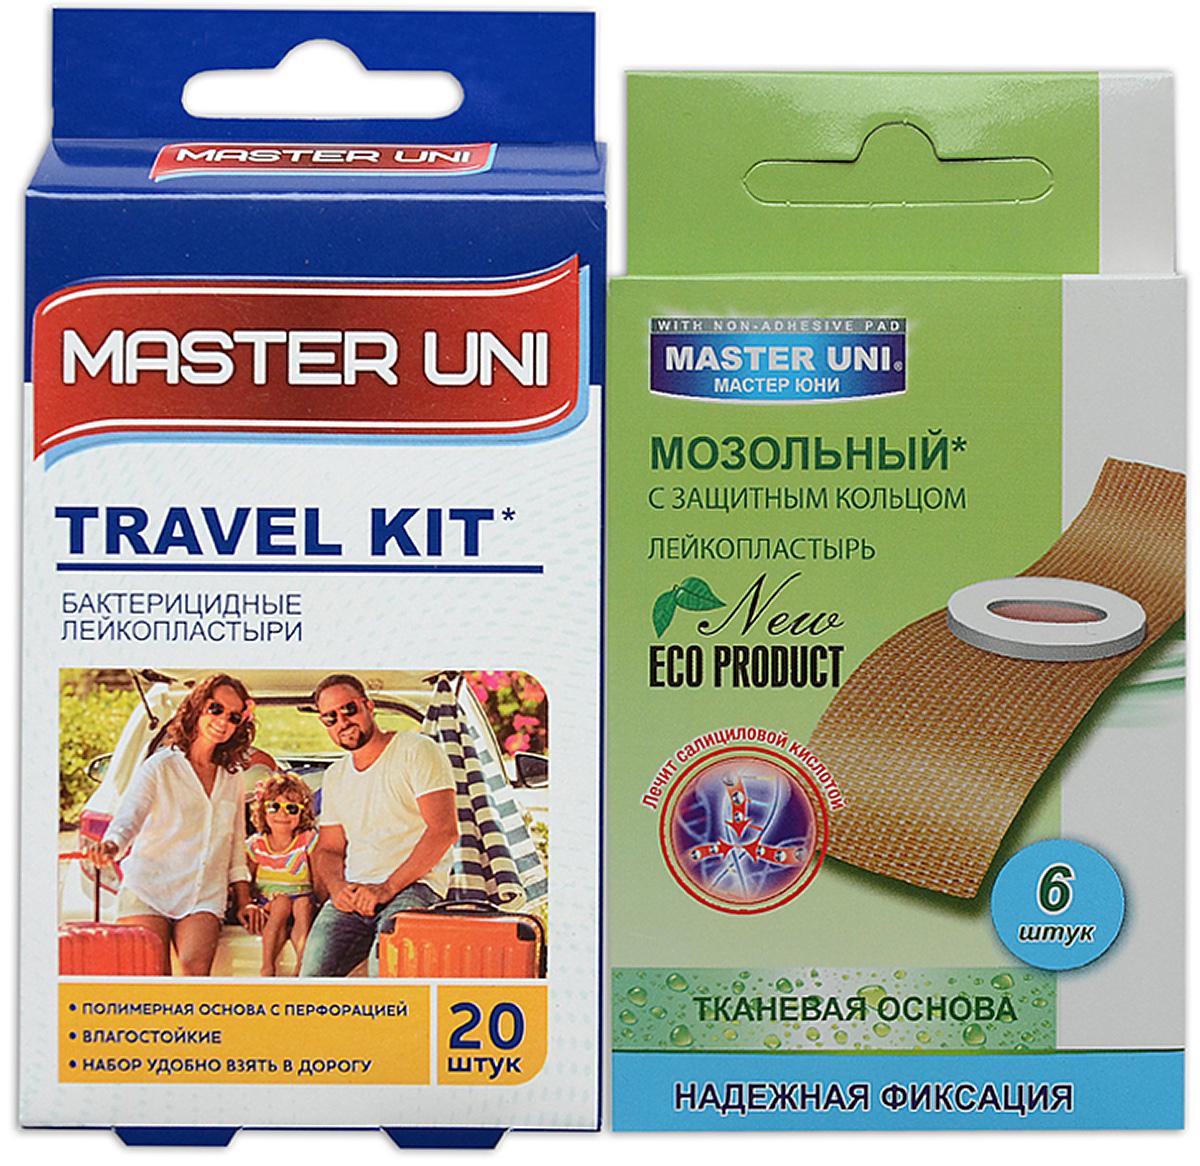 Master Uni Mix Travel Kitнабор лейкопластырей, 20+6шт17015МMIX TRAVEL KIT - состоит из двух видов лейкопластырей - бактерицидного и от сухих мозолей. Набор бактерицидных лейкопластырей на полимерной основе телесного цвета, надежно защищают рану от попадания загрязнений. Эффективен при ссадинах, порезах и мелких повреждениях кожи. Мягкая перфорированная полимерная основа обладает повышенной воздухопроницаемостью, позволяет коже свободно дышать, влагостойкие, надежно фиксируется на коже, повторяя изгибы тела, абсорбирующая подушечка моментально всасывает раневые выделения, имеет дополнительную защиту от грязи и микробов со всех сторон, покрыта бактерицидной атравматической сеткой, которая не прилипает к ране. Антисептик: риванол, эффективно дезинфицирует и способствует быстрому заживлению раны без образования рубцов. Мозольный пластырь - эффективное средство для удаления ороговевшей кожи любой части стопы. Пластырь на тканевой основе надежно фиксируется на ноге и принимает нужную форму при ходьбе. Мягкое защитное кольцо пластыря предохраняет здоровую кожу от контакта с лечебным веществом - салициловой кислотой, которая безболезненно удаляет ороговевшую кожу с Ваших ступней и пальцев ног. Противопоказания: индивидуальная непереносимость, повреждения кожи, кожные заболевания. Master Uni MIX TRAVEL KIT - Мягкая и нежная кожа Ваших ног! В наборе: размеры 72х19 мм - 15шт,38х38 мм - 5шт , пластырь мозольный 65х20 мм - 6шт. Master Uni MIX TRAVEL KIT - отличное решение для всей семьи!